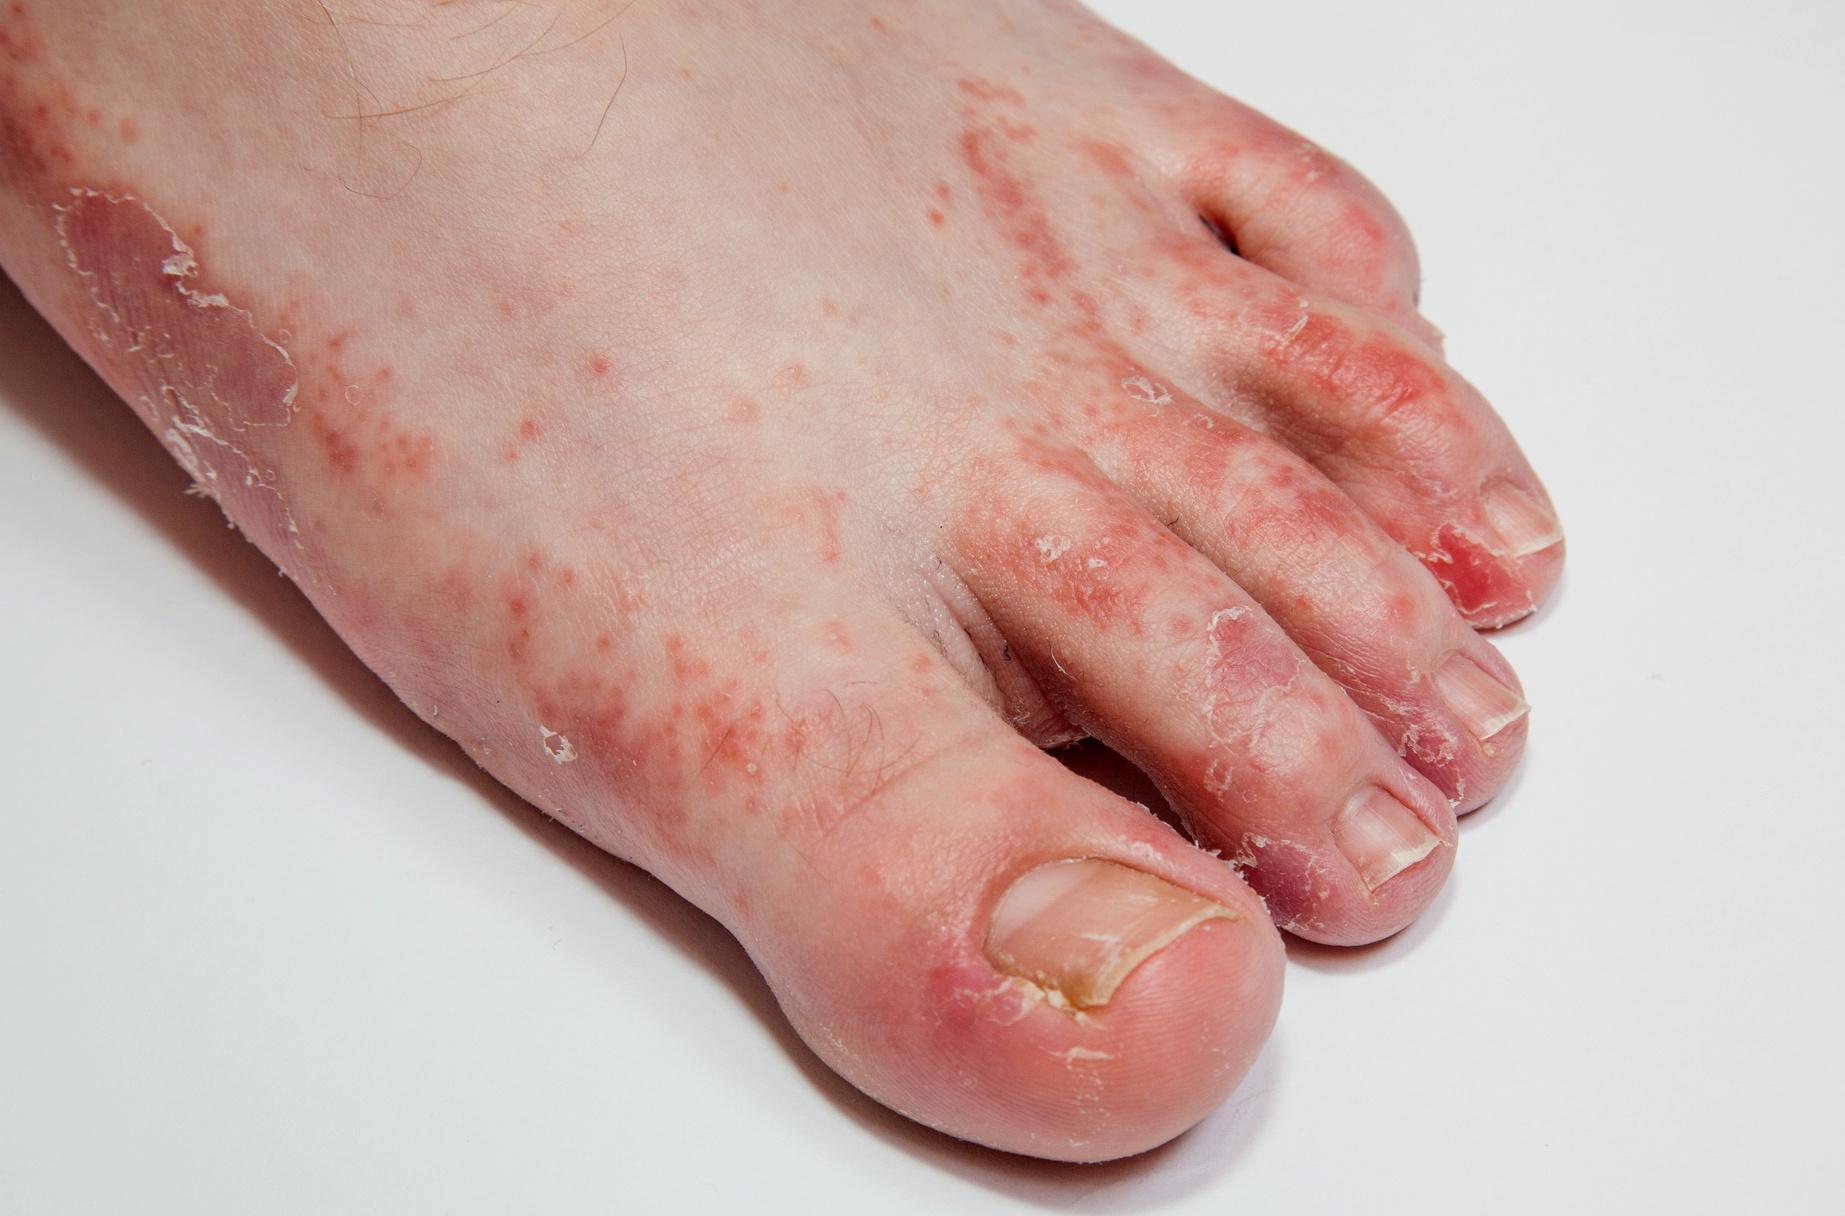 pikkelysömör kezelése hirudoterápia vörös foltok a lábak között viszketnek